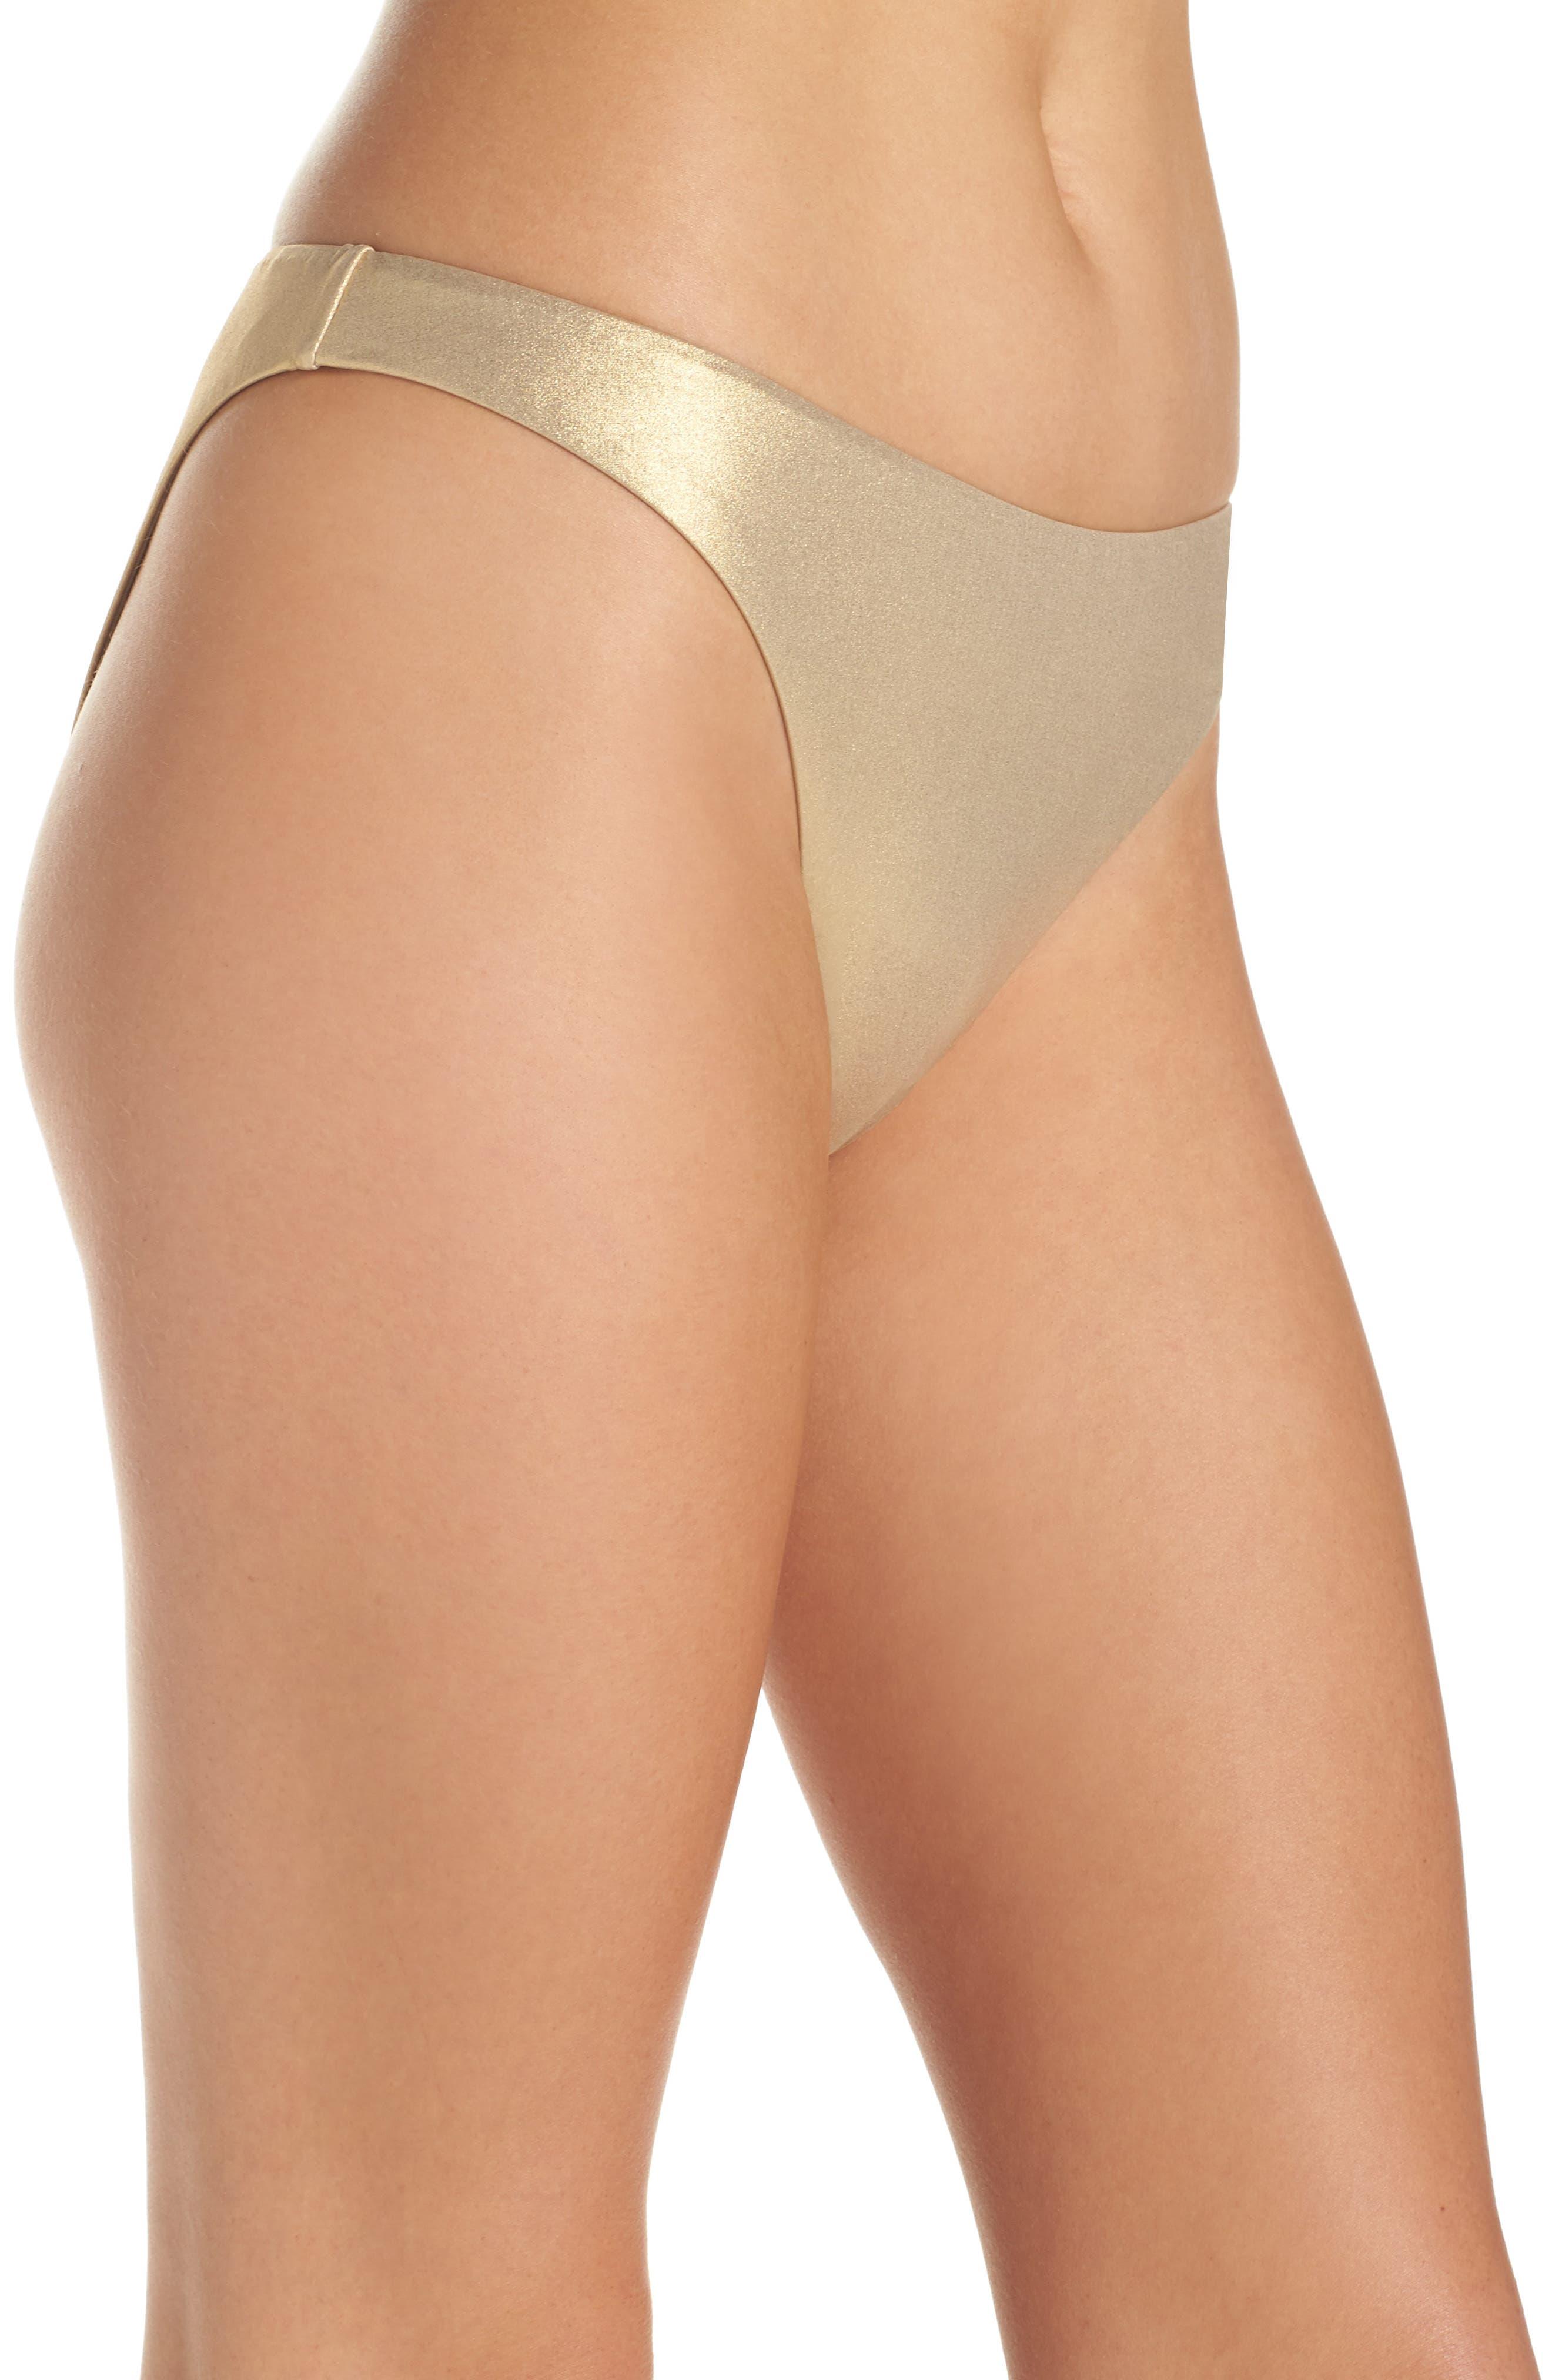 Golden Medallion Bikini Bottoms,                             Alternate thumbnail 3, color,                             Gold